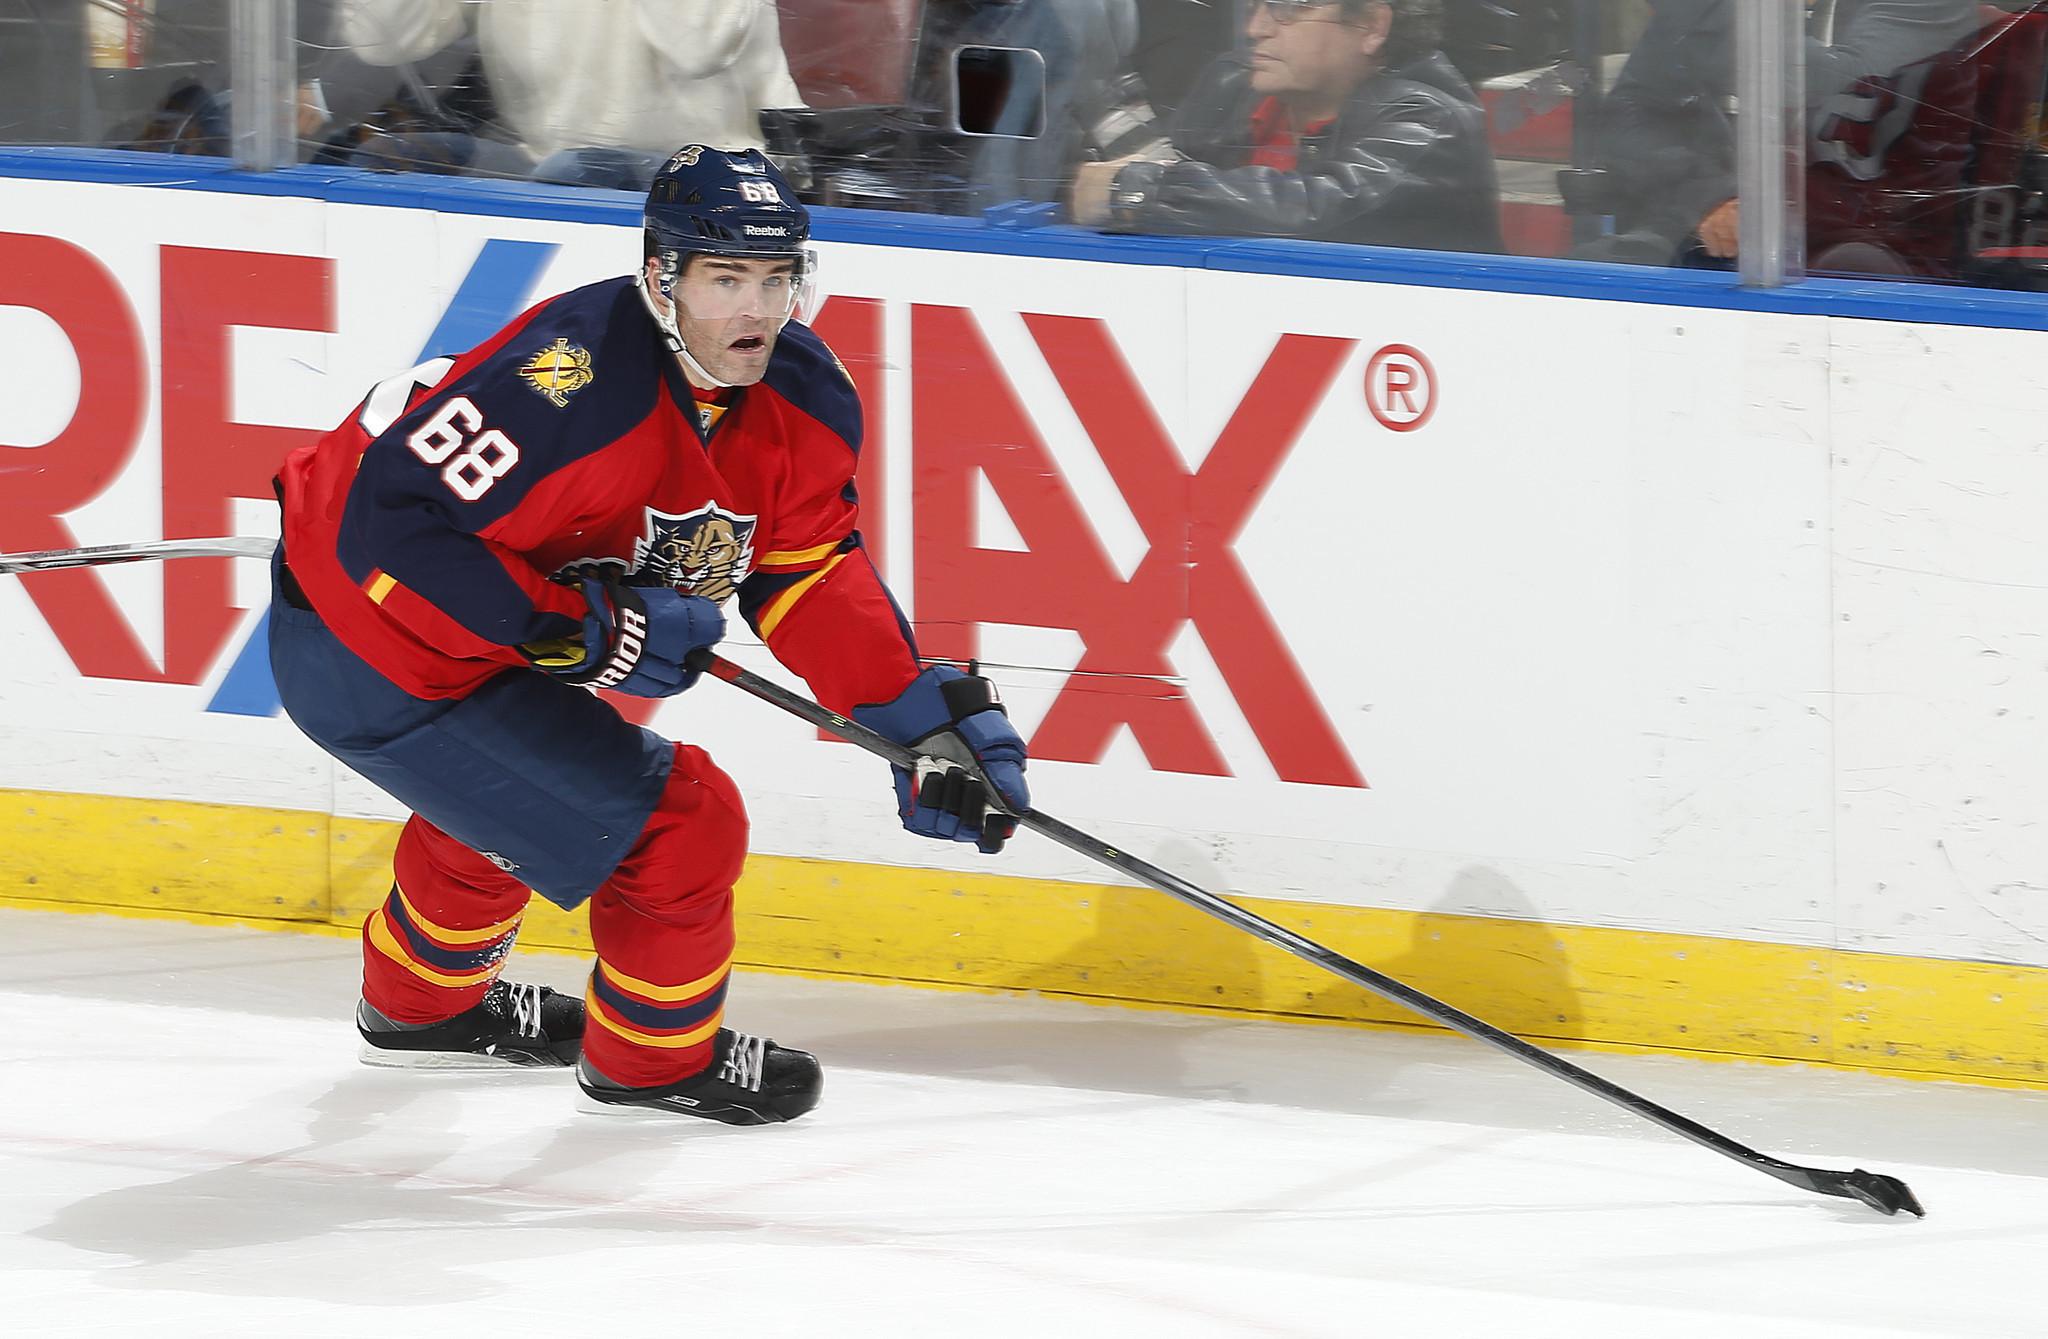 NHL pluses and minuses: Jaromir Jagr is enjoying Florida